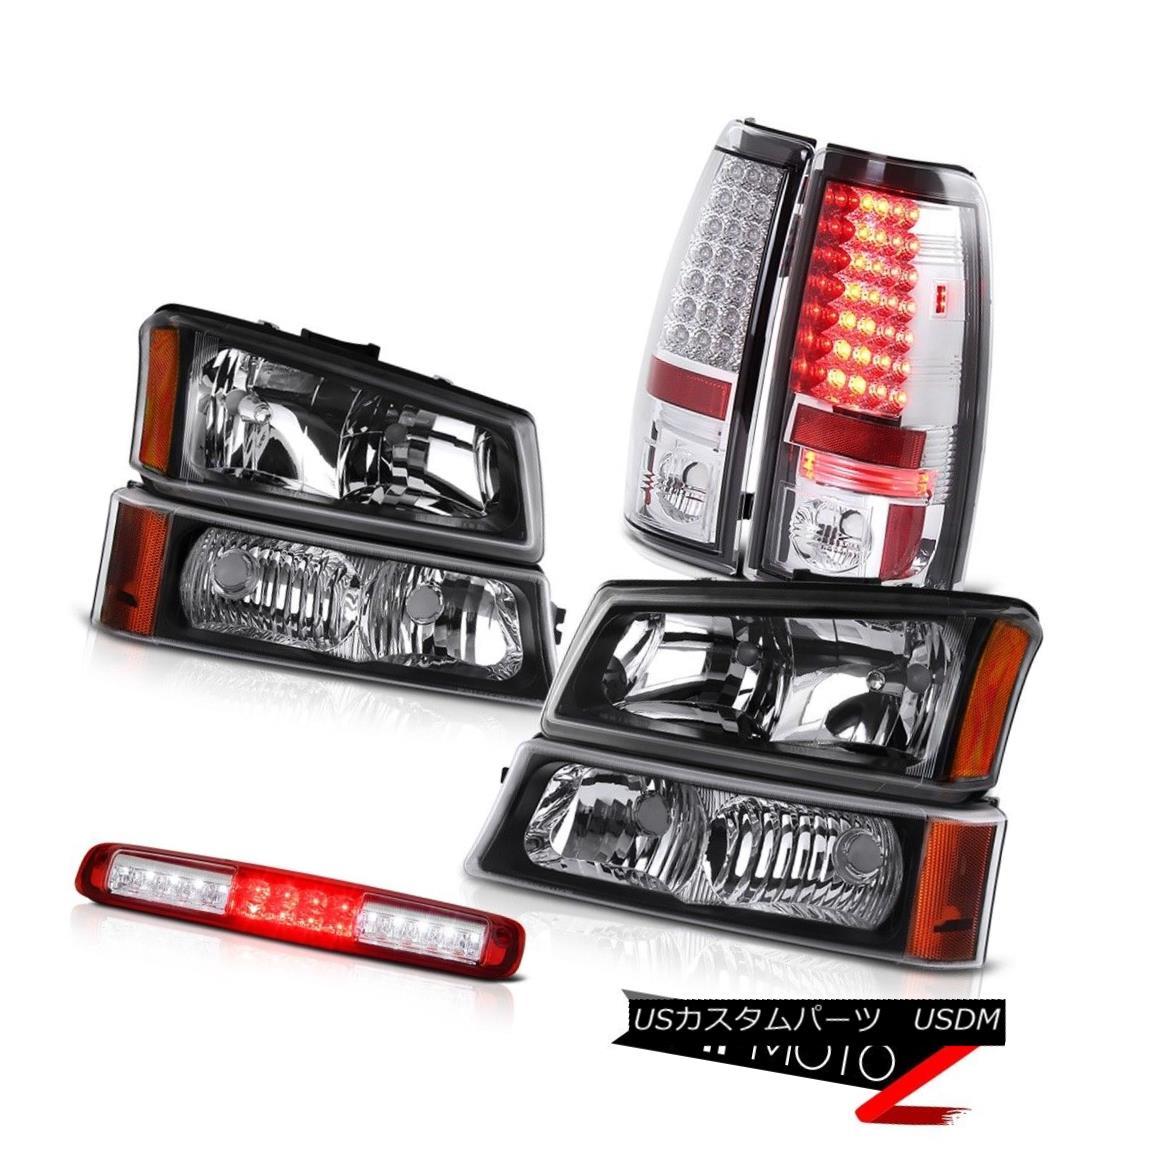 テールライト 03-06 Silverado 3500Hd Signal Lamp Red Roof Brake Light Headlights Tail Lamps 03-06 Silverado 3500Hd信号ランプ赤い屋根のブレーキライトヘッドライトテールランプ